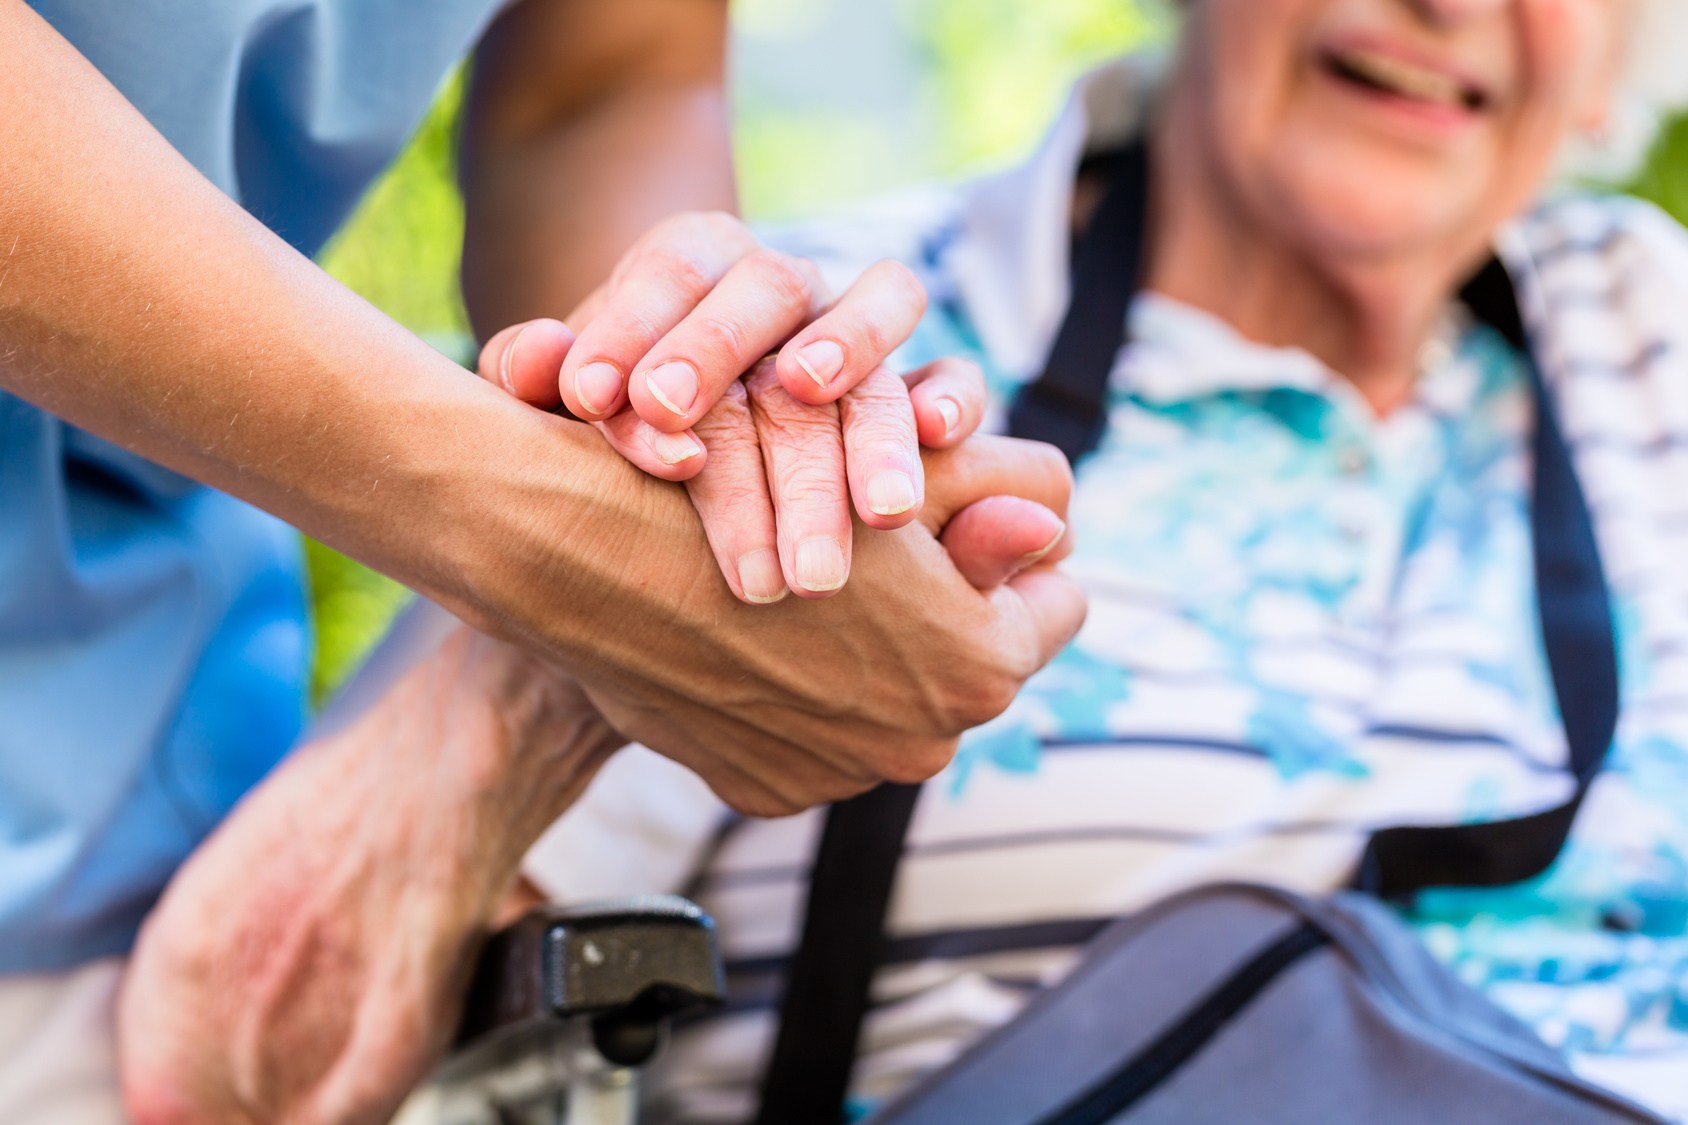 bando-time-care-cosa-come-funziona-stipendio-anziani